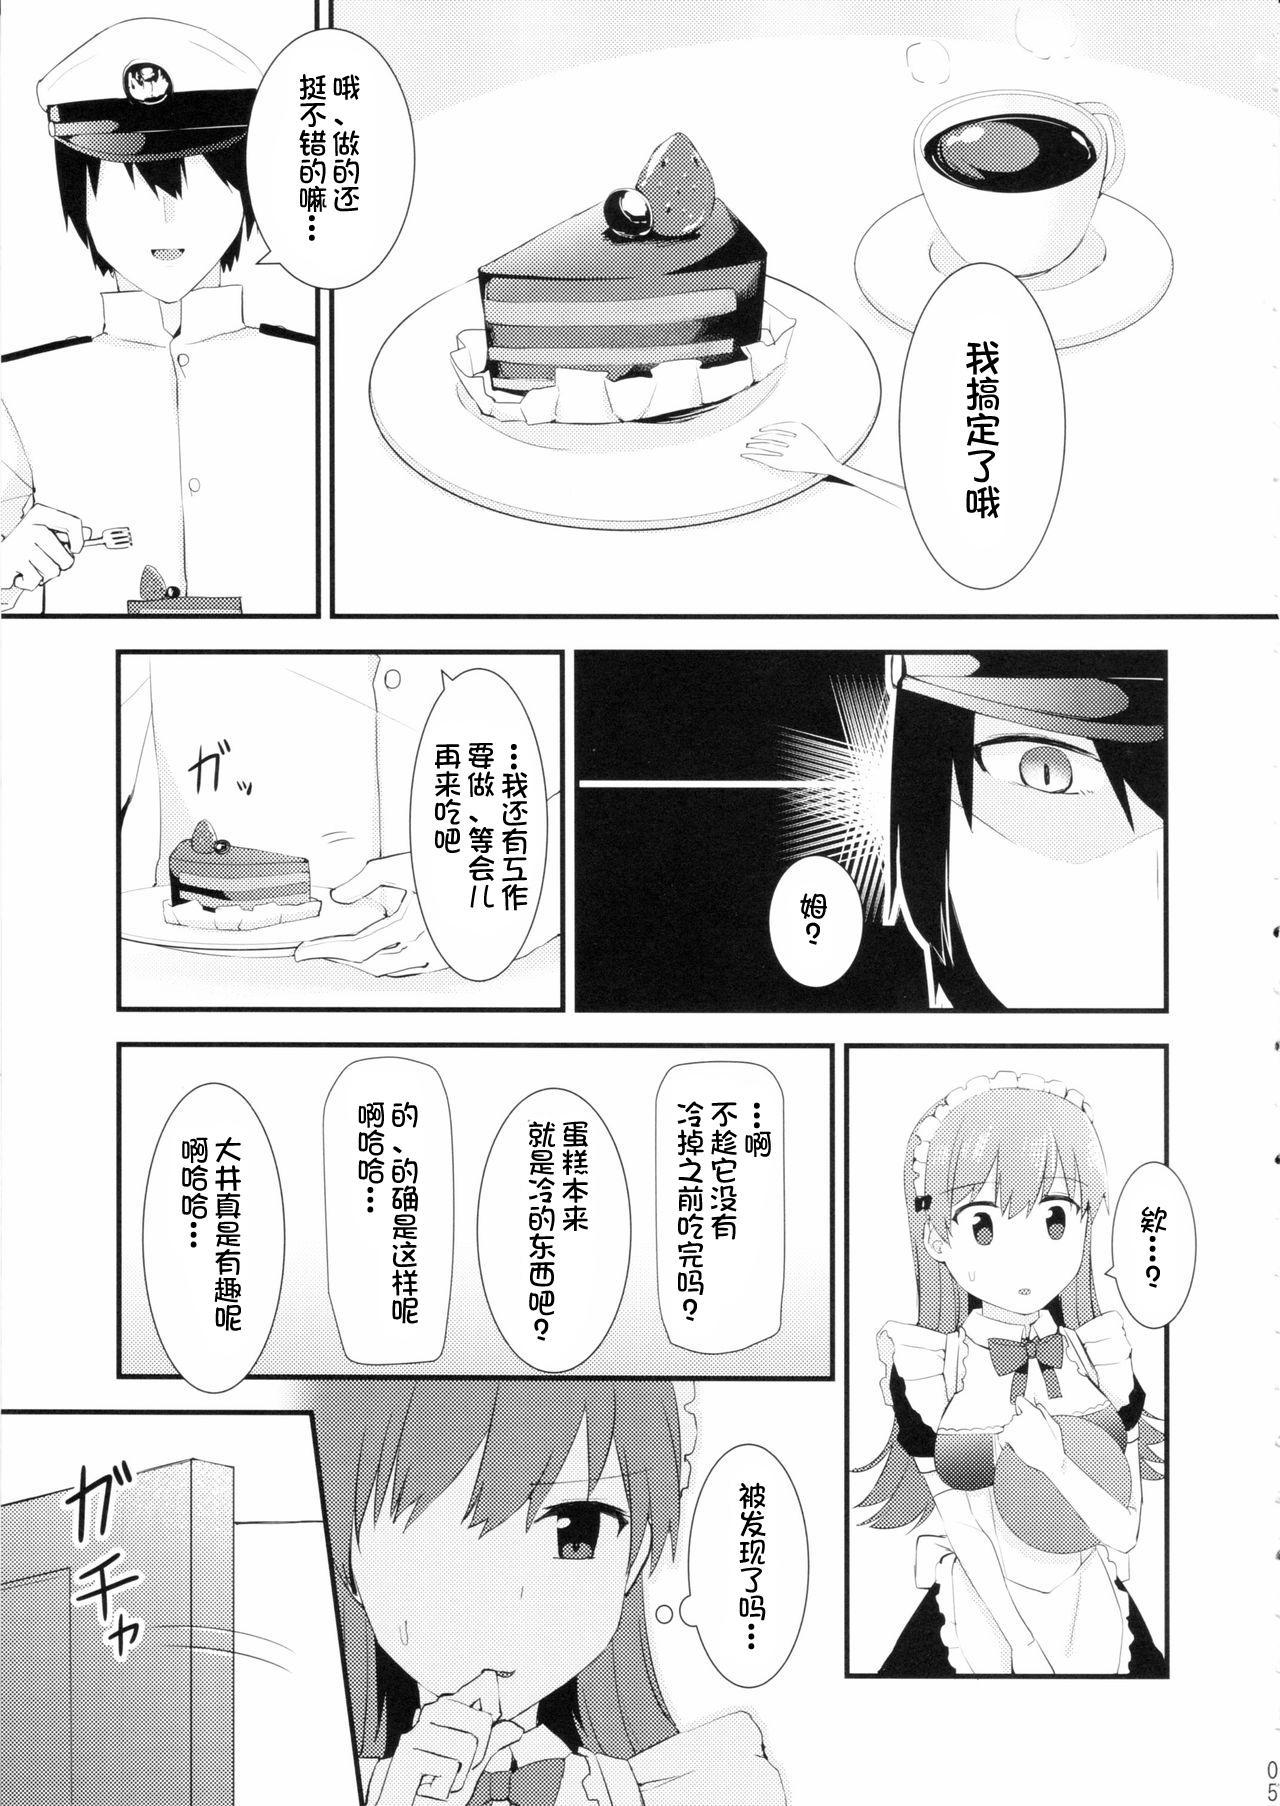 Ooi! Maid Fuku o Kite miyou! 6